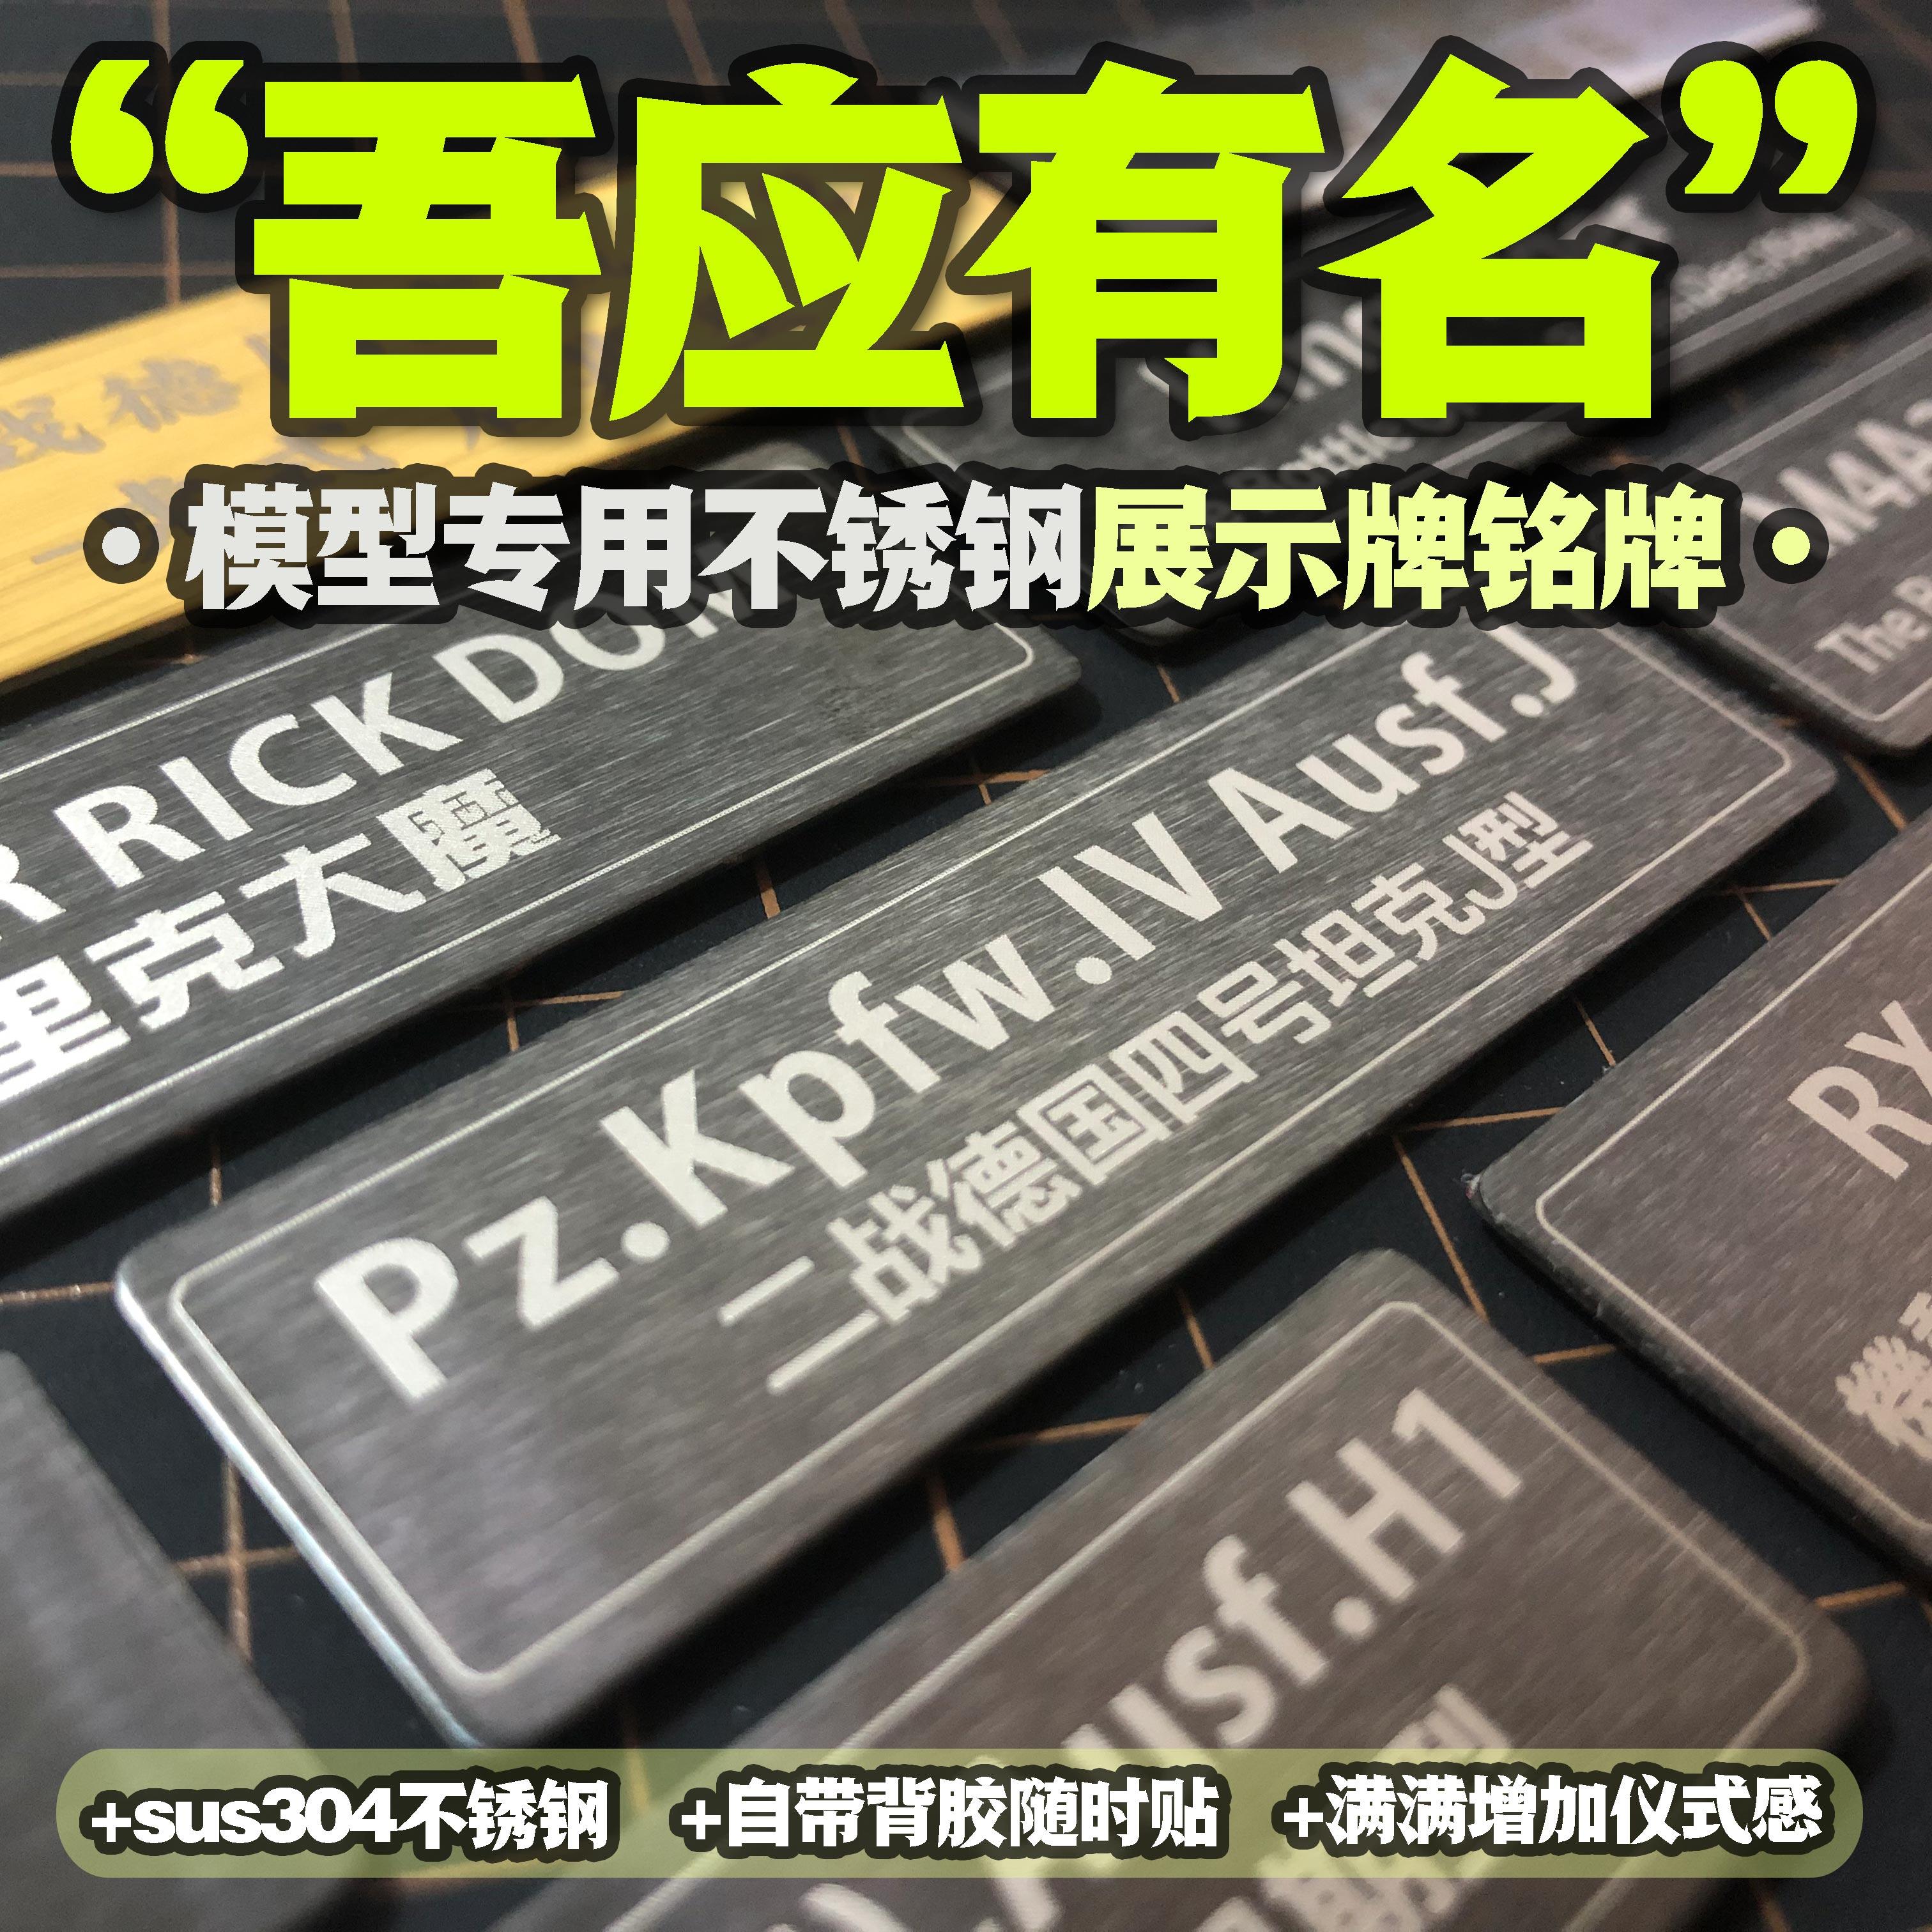 【艾烈臣】模型专用 不锈钢制 自带背胶随时贴 模型展示牌铭牌